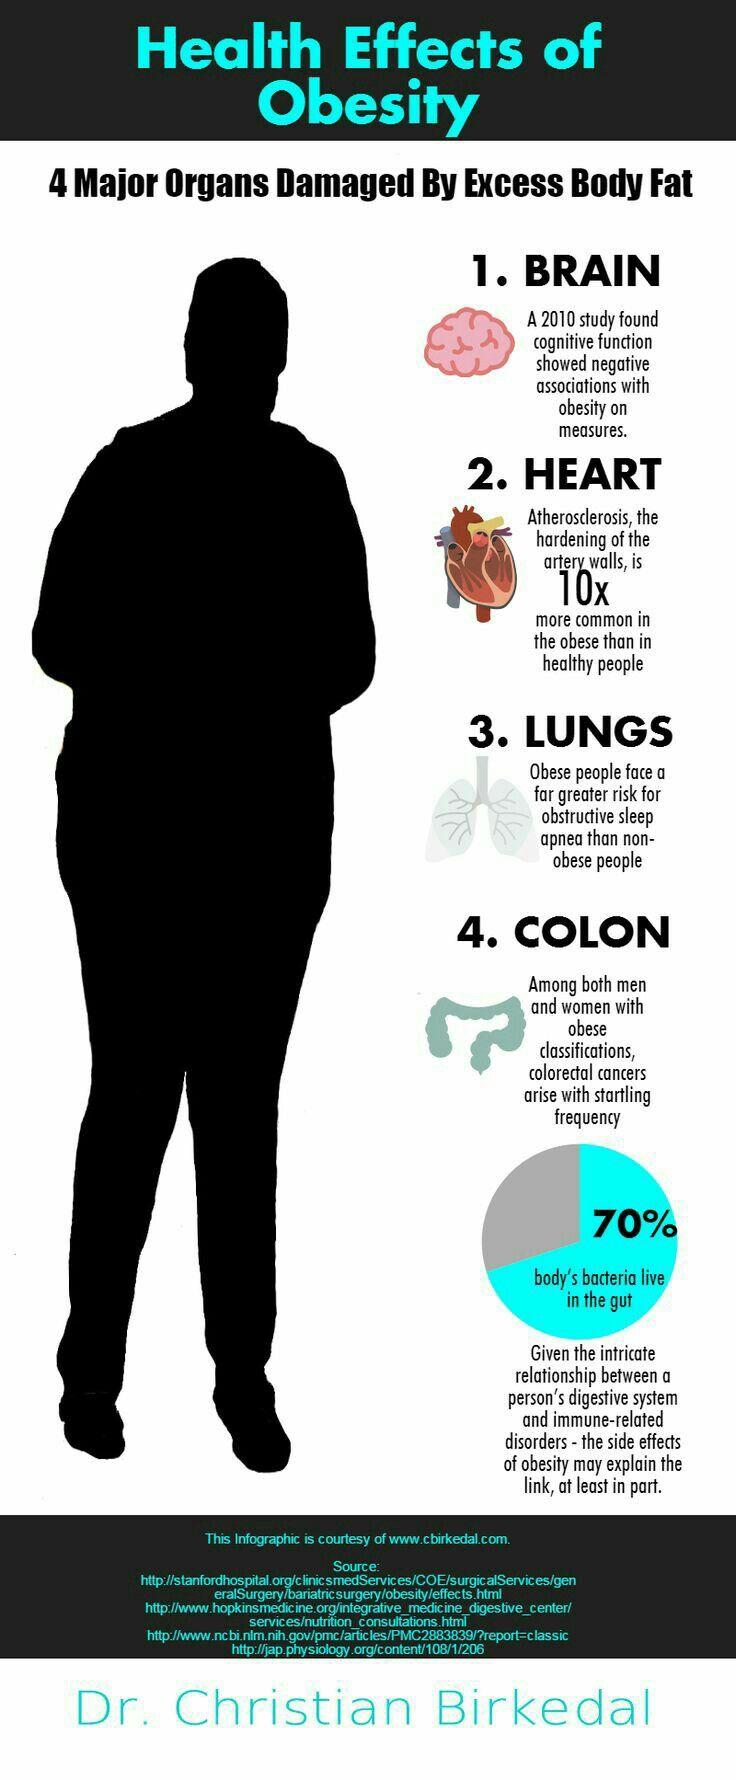 Index - Tudomány - Új mellékhatás kínozza a fogyni vágyókat